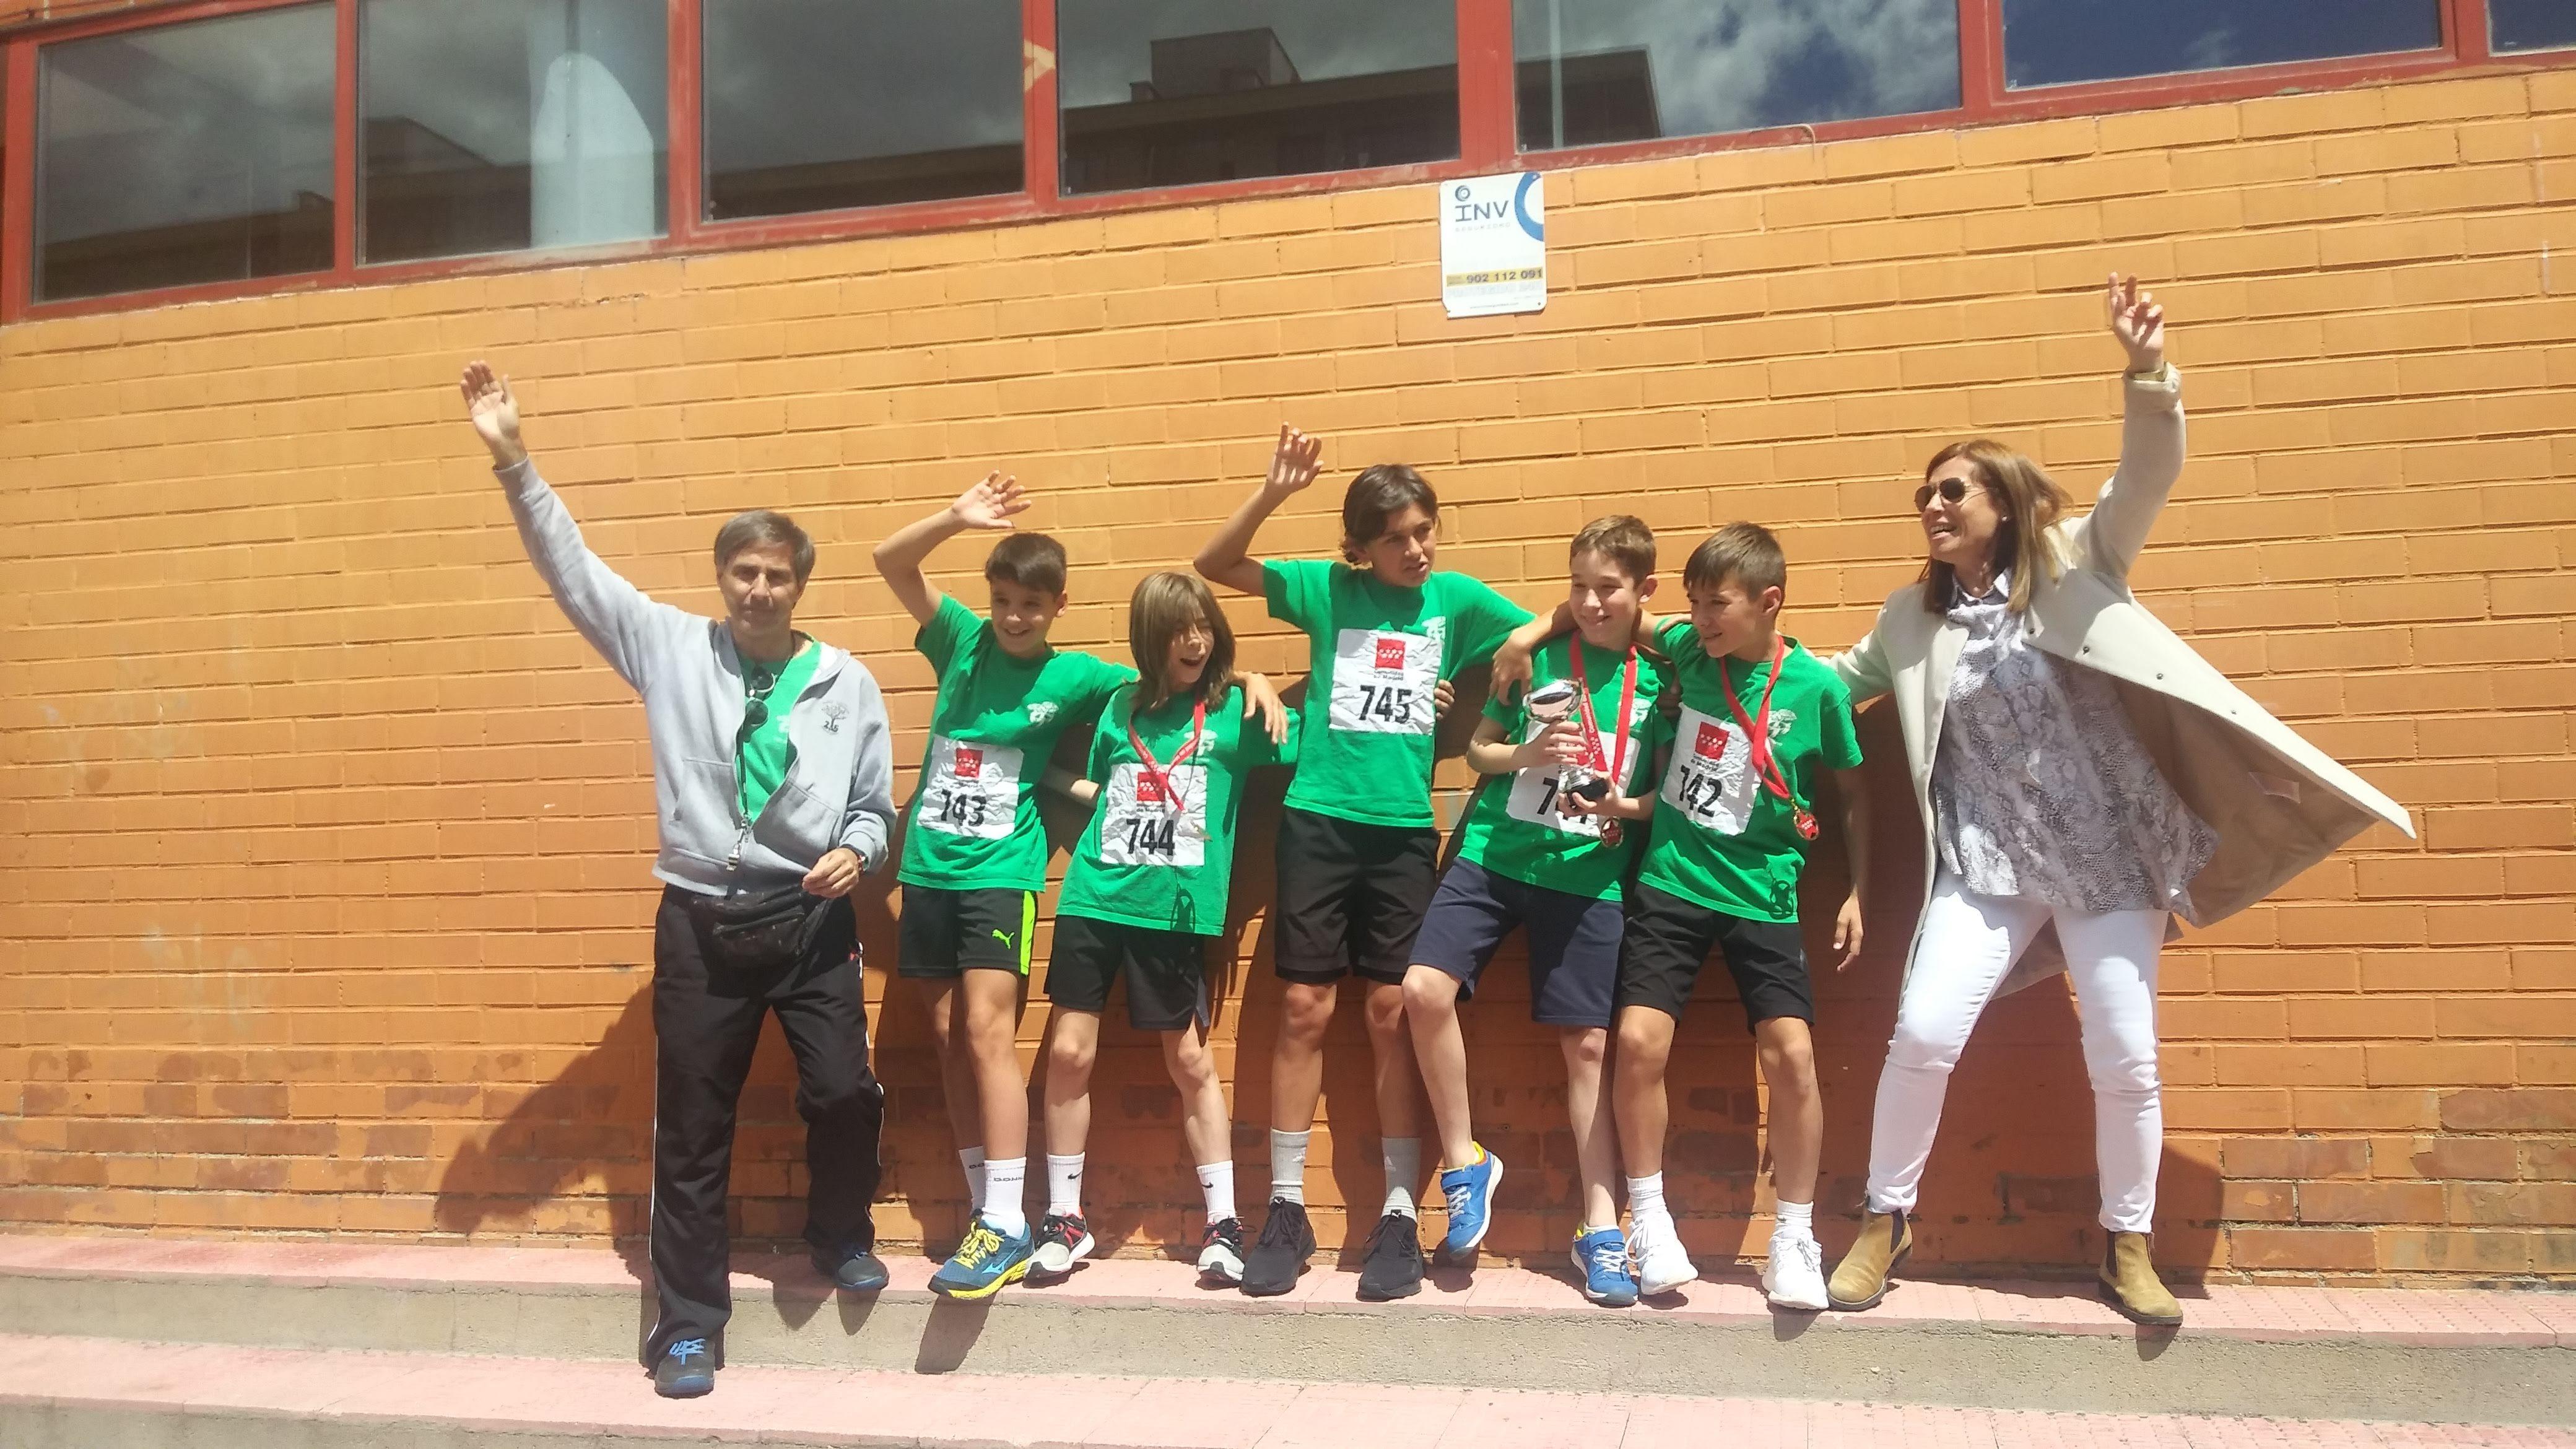 Campeonato de atletismo 1